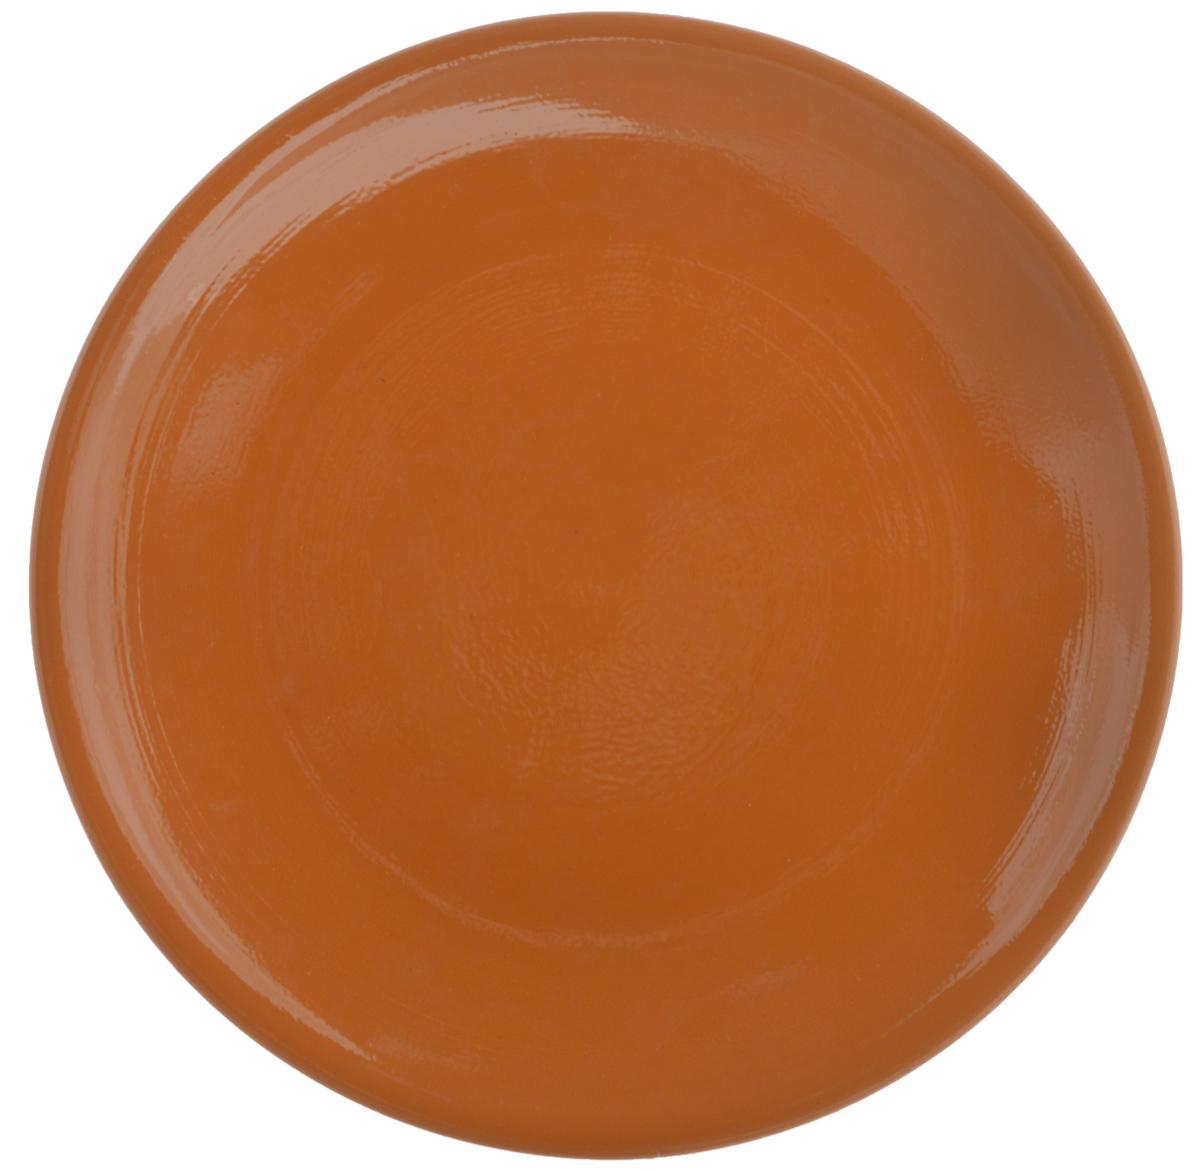 Тарелка Борисовская керамика Cтандарт, цвет: коричневый, диаметр 23 смОБЧ00000586_коричневыйТарелка плоская Cтандарт выполнена из высококачественной керамики. Внутренняя часть тарелки оформлена ярким рисунком с изображением цветка.Тарелка Борисовская керамика Cтандарт идеально подойдет для сервировки стола и станет отличным подарком к любому празднику. Изделие может использоваться как подставка под любую другую посуду.Можно использовать в духовке и микроволновой печи.Диаметр (по верхнему краю): 23 см.